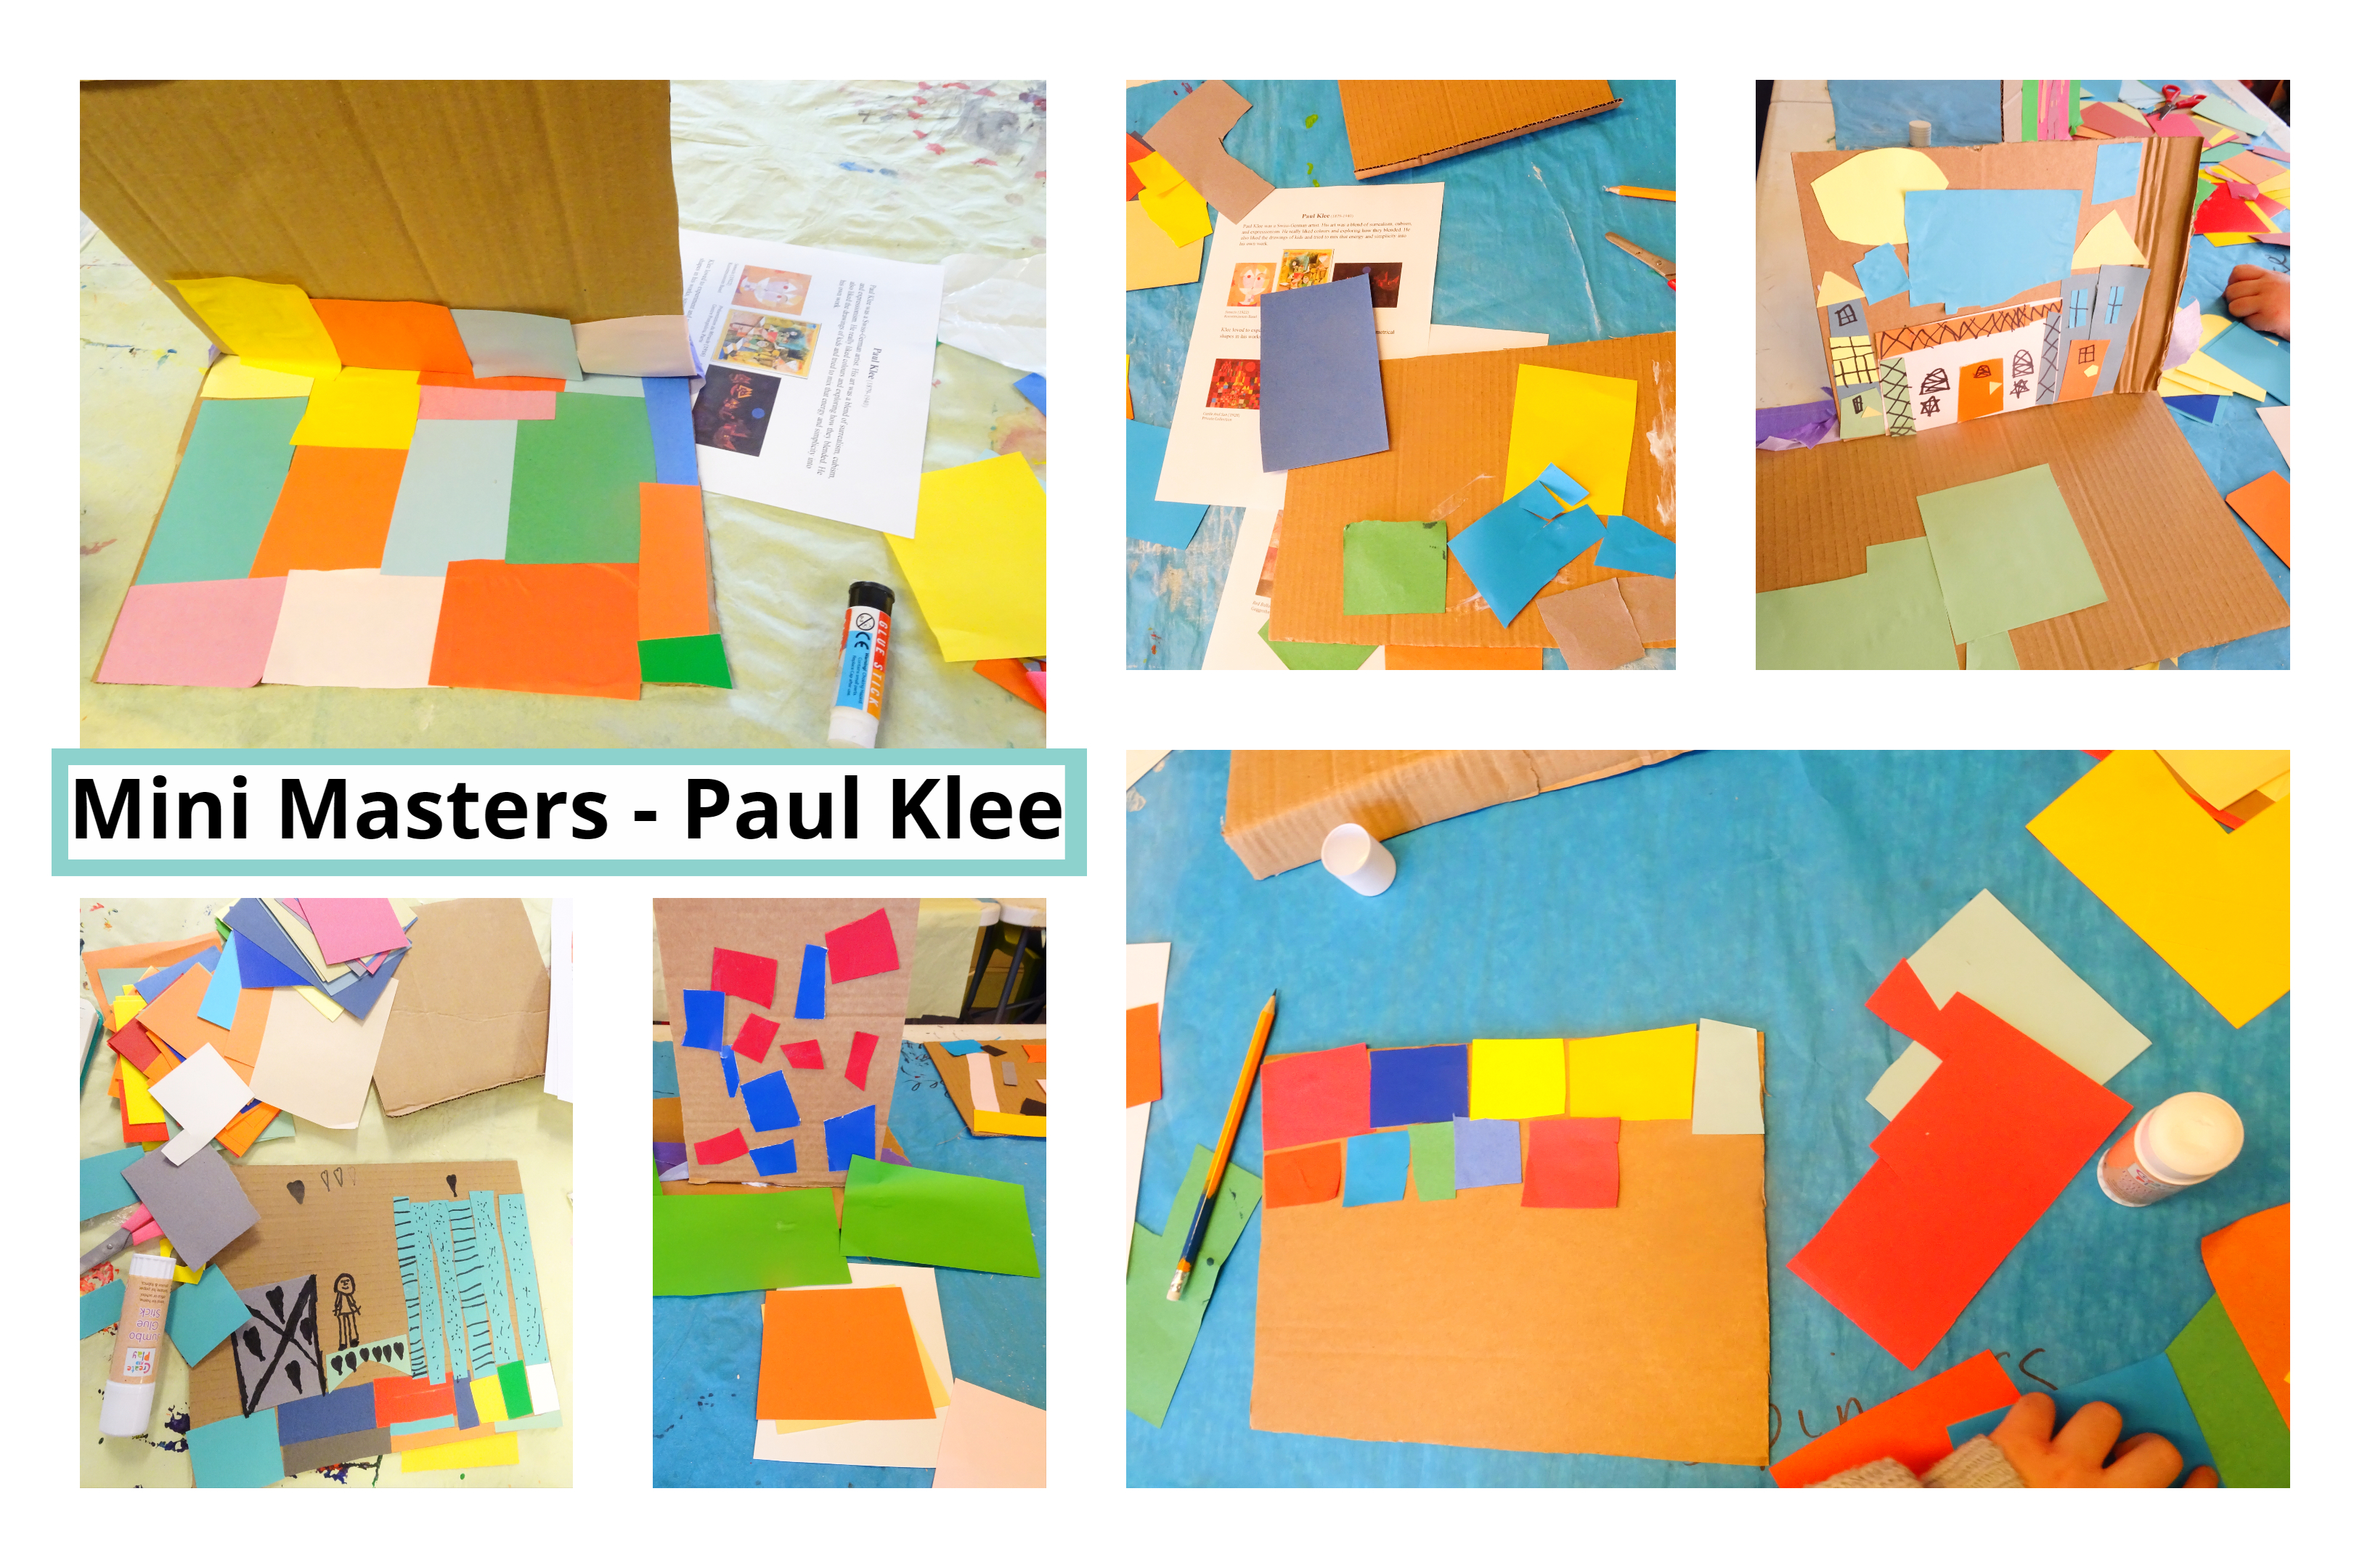 Mini Masters - Klee 2